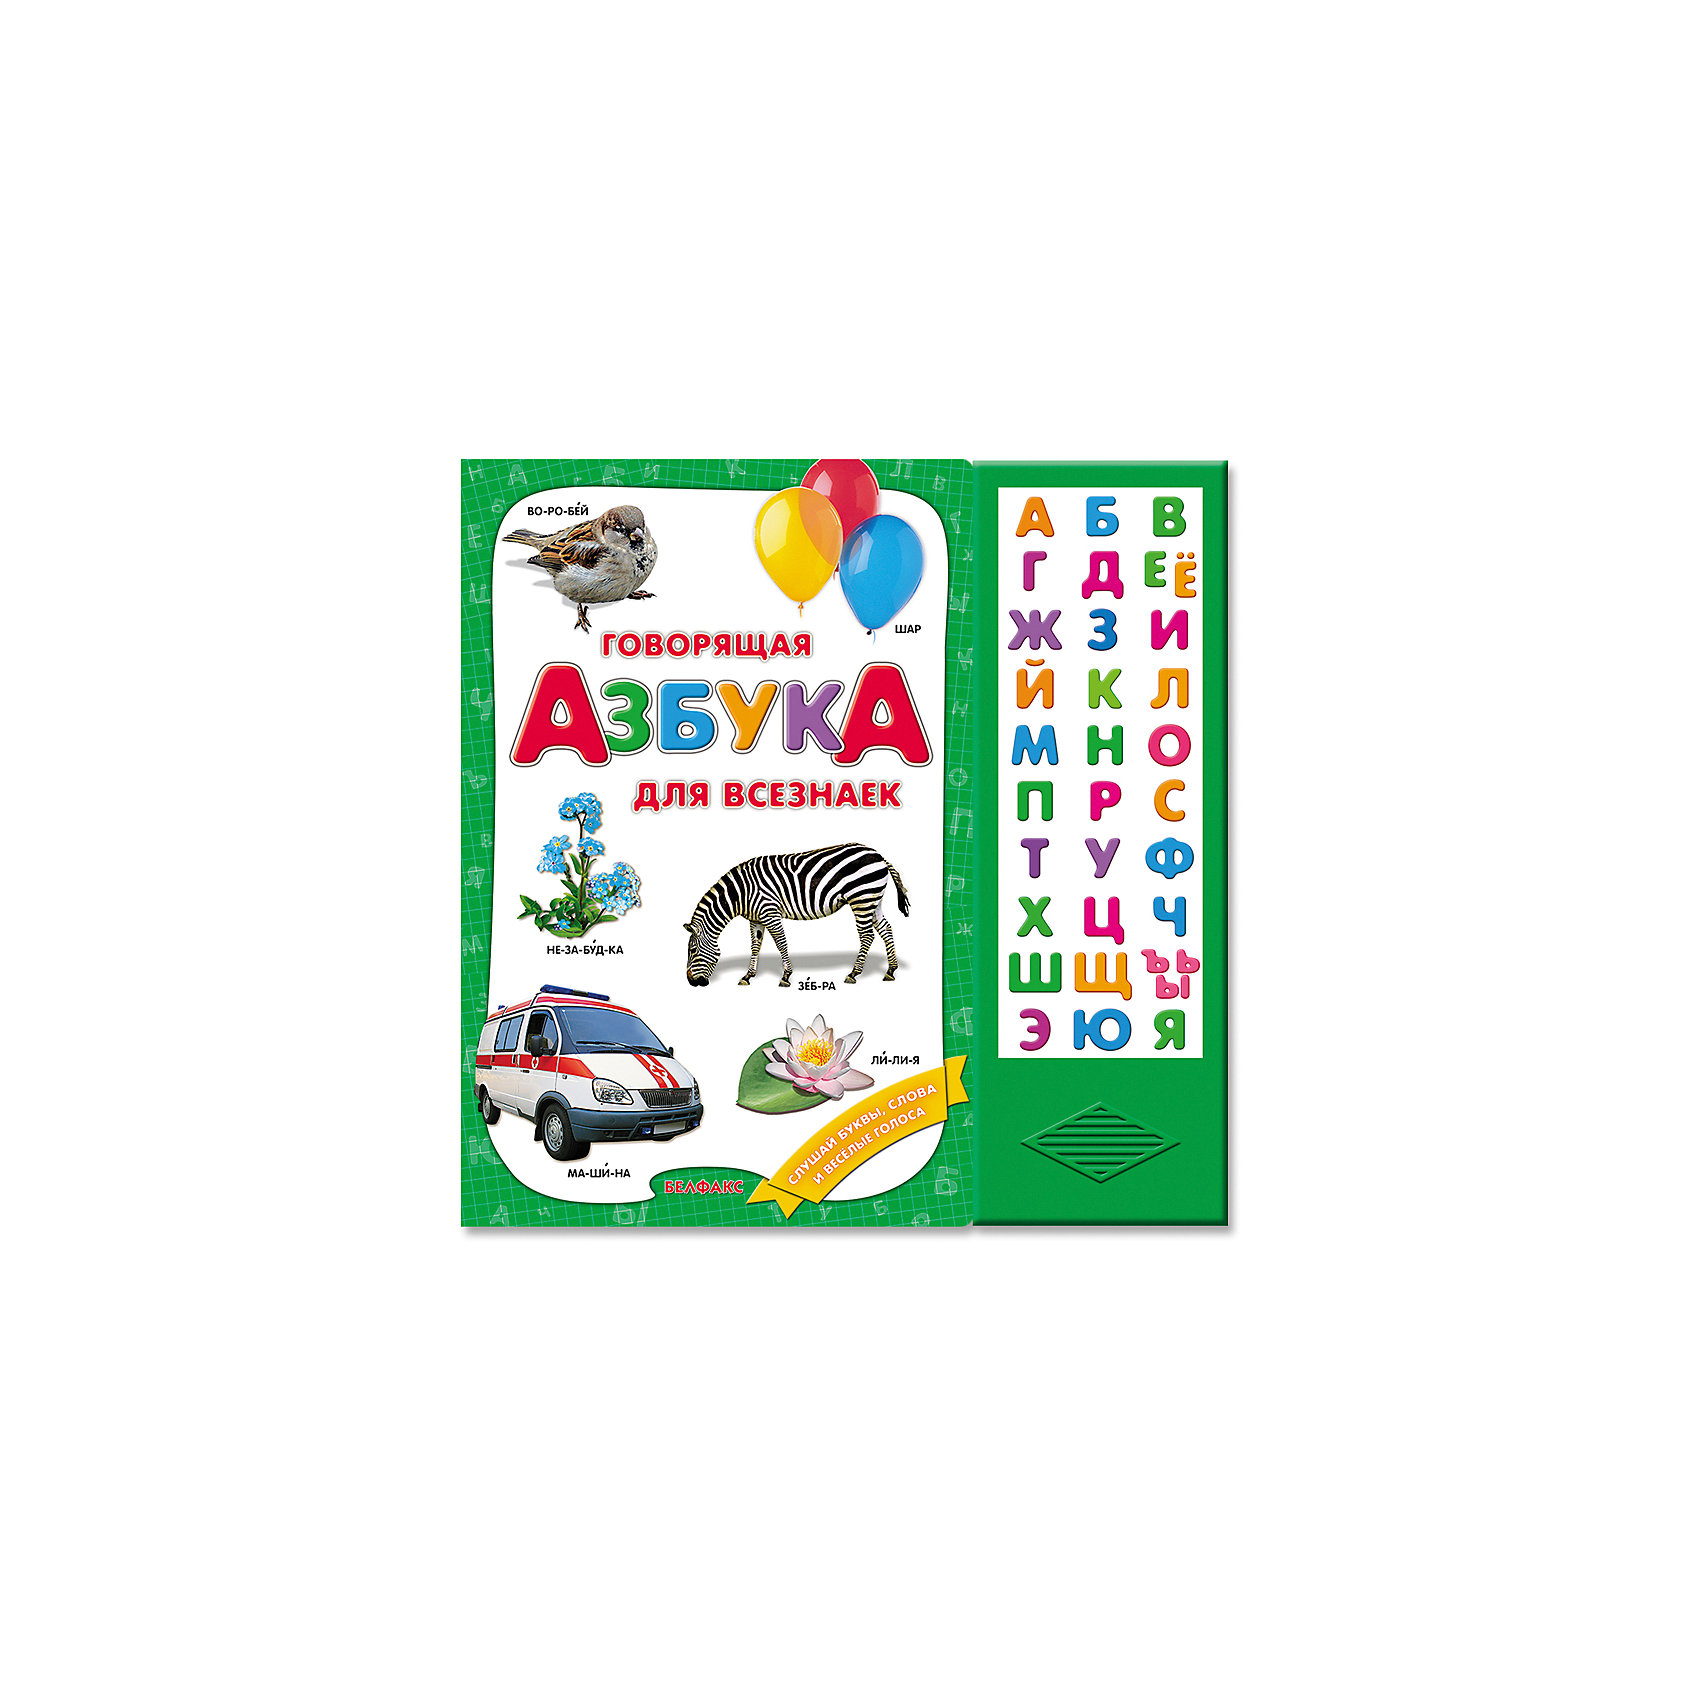 Говорящая азбука для всезнаекВы хотите, чтобы ваш малыш быстро и легко выучил буквы? Тогда эта книга для него! Ребёнок может заниматься с азбукой без помощи взрослых - она сама произносит и звуки, и слова. Маленькому ученику нужно только нажимать на кнопочки. А с помощью забавных фотографий он получит новые знания об окружающем мире. <br><br>Дополнительная информация:<br>  <br>- Автор-составитель: Слюсар Ю., Ефимова Т.<br>- Переплет: картон.<br>- Формат: 25,5х29,5 см.<br>- Количество страниц: 16.<br>- Иллюстрации: цветные. <br>- Элемент питания: батарейки ААА (в комплекте).<br><br>Говорящую азбуку для всезнаек можно купить в нашем магазине.<br><br>Ширина мм: 260<br>Глубина мм: 150<br>Высота мм: 20<br>Вес г: 655<br>Возраст от месяцев: 24<br>Возраст до месяцев: 60<br>Пол: Унисекс<br>Возраст: Детский<br>SKU: 4603667